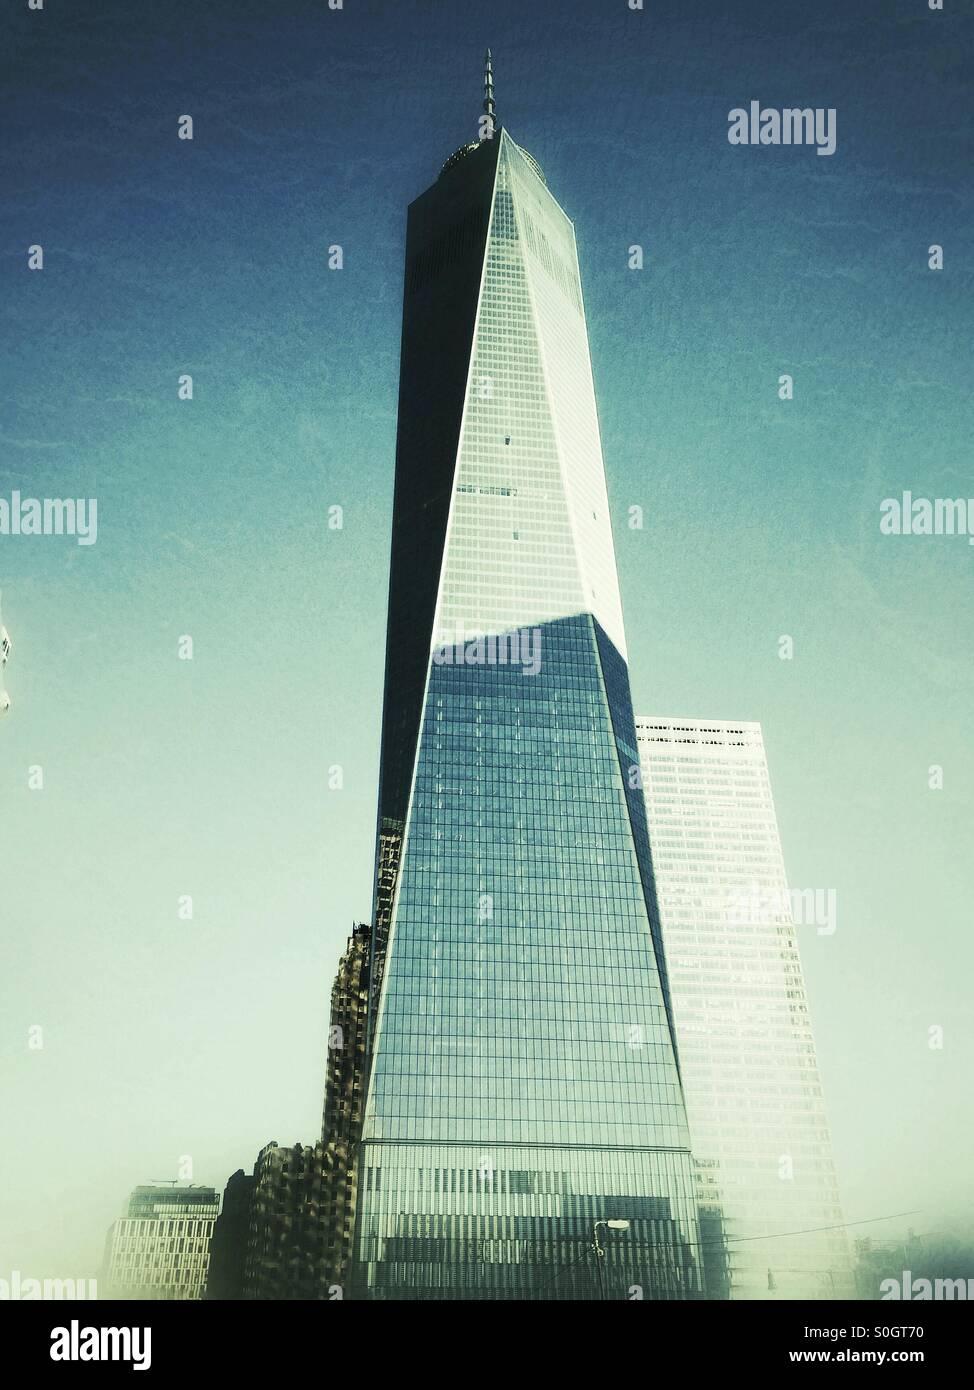 Basso angolo vista della Torre di libertà contro un cielo blu. La città di New York, Stati Uniti d'America. Immagini Stock